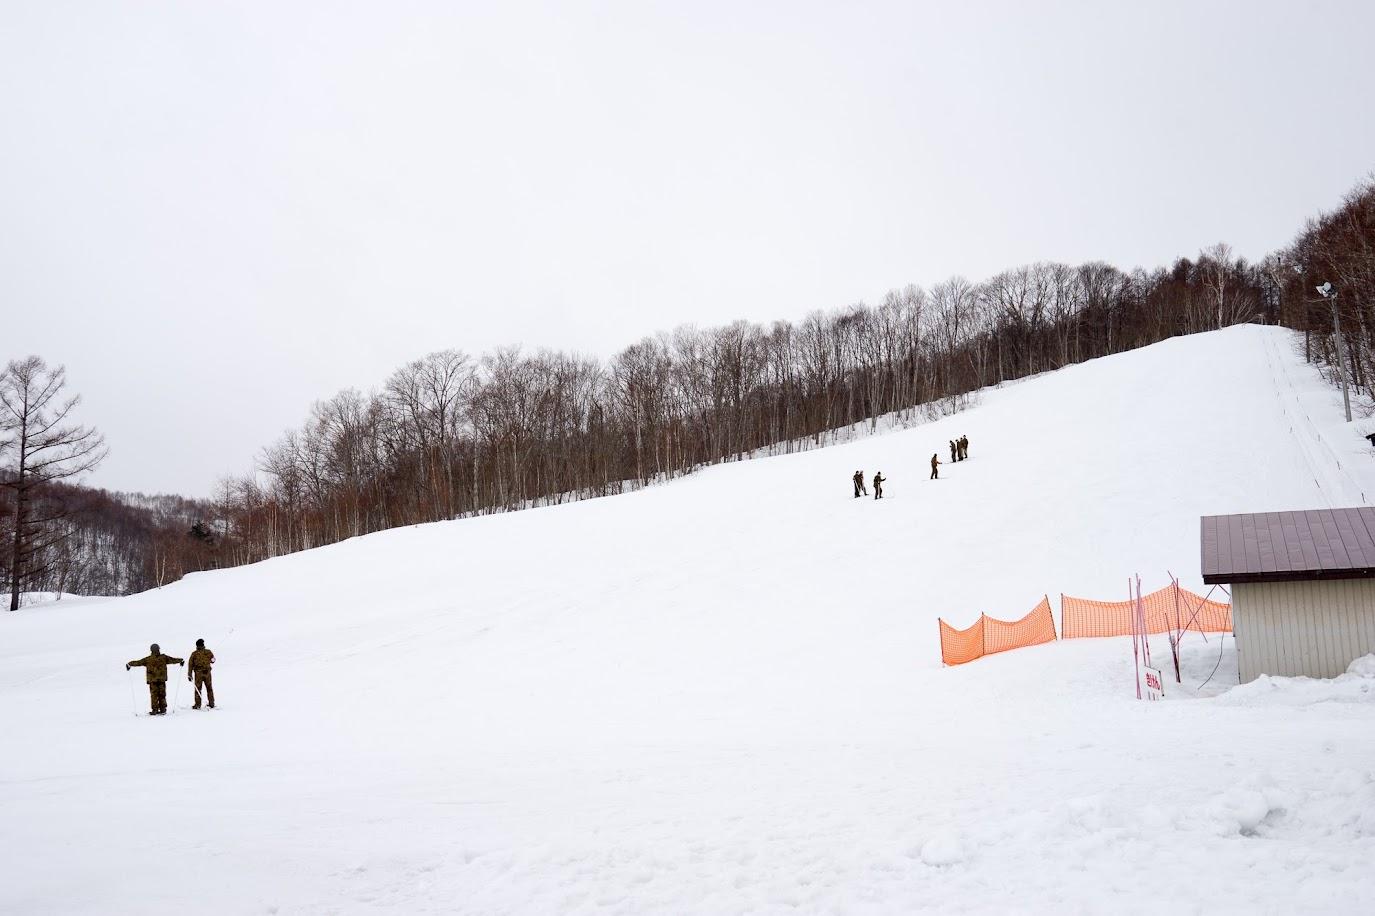 陸上自衛隊員冬季スキー訓練